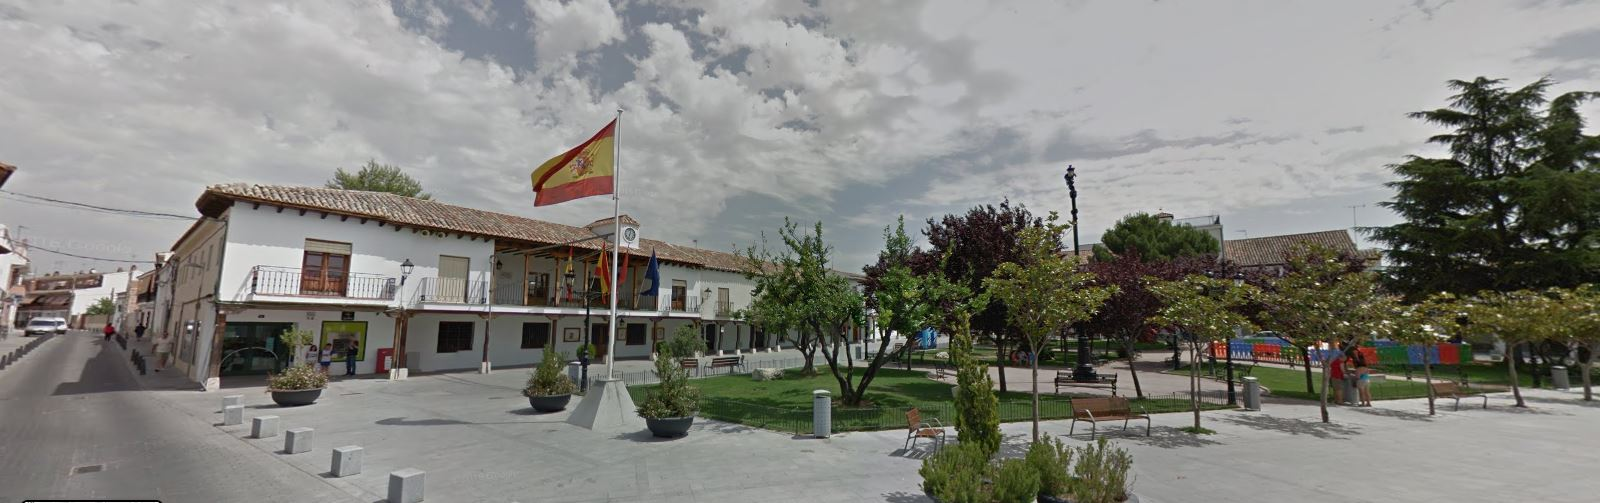 Registro civil - Ayuntamiento Torrejón de Velasco